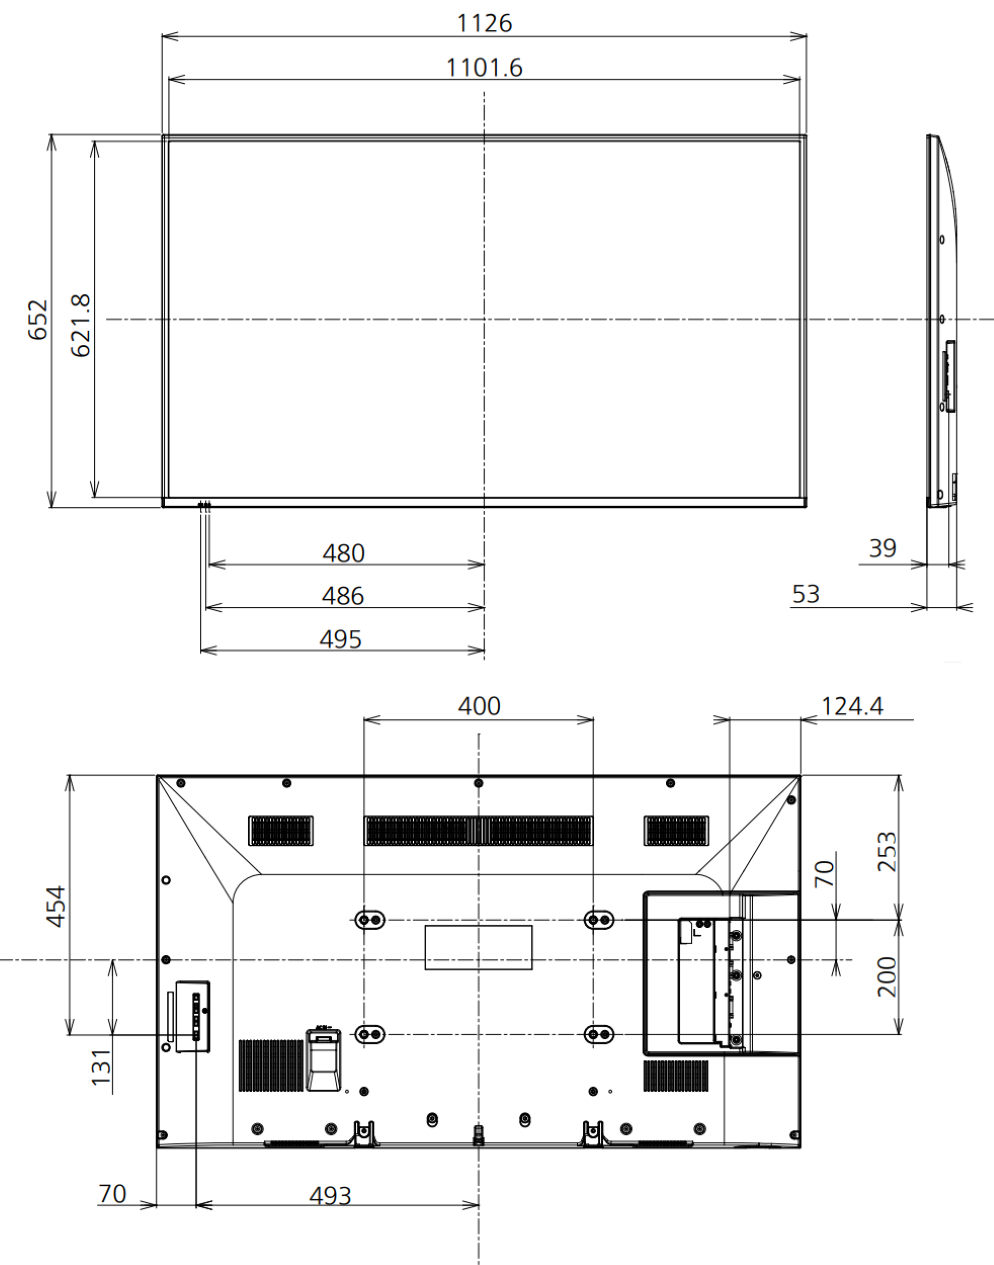 Panasonic 50インチ液晶ディスプレイ(TH-50LFE7J)のレンタル商品詳細 ...